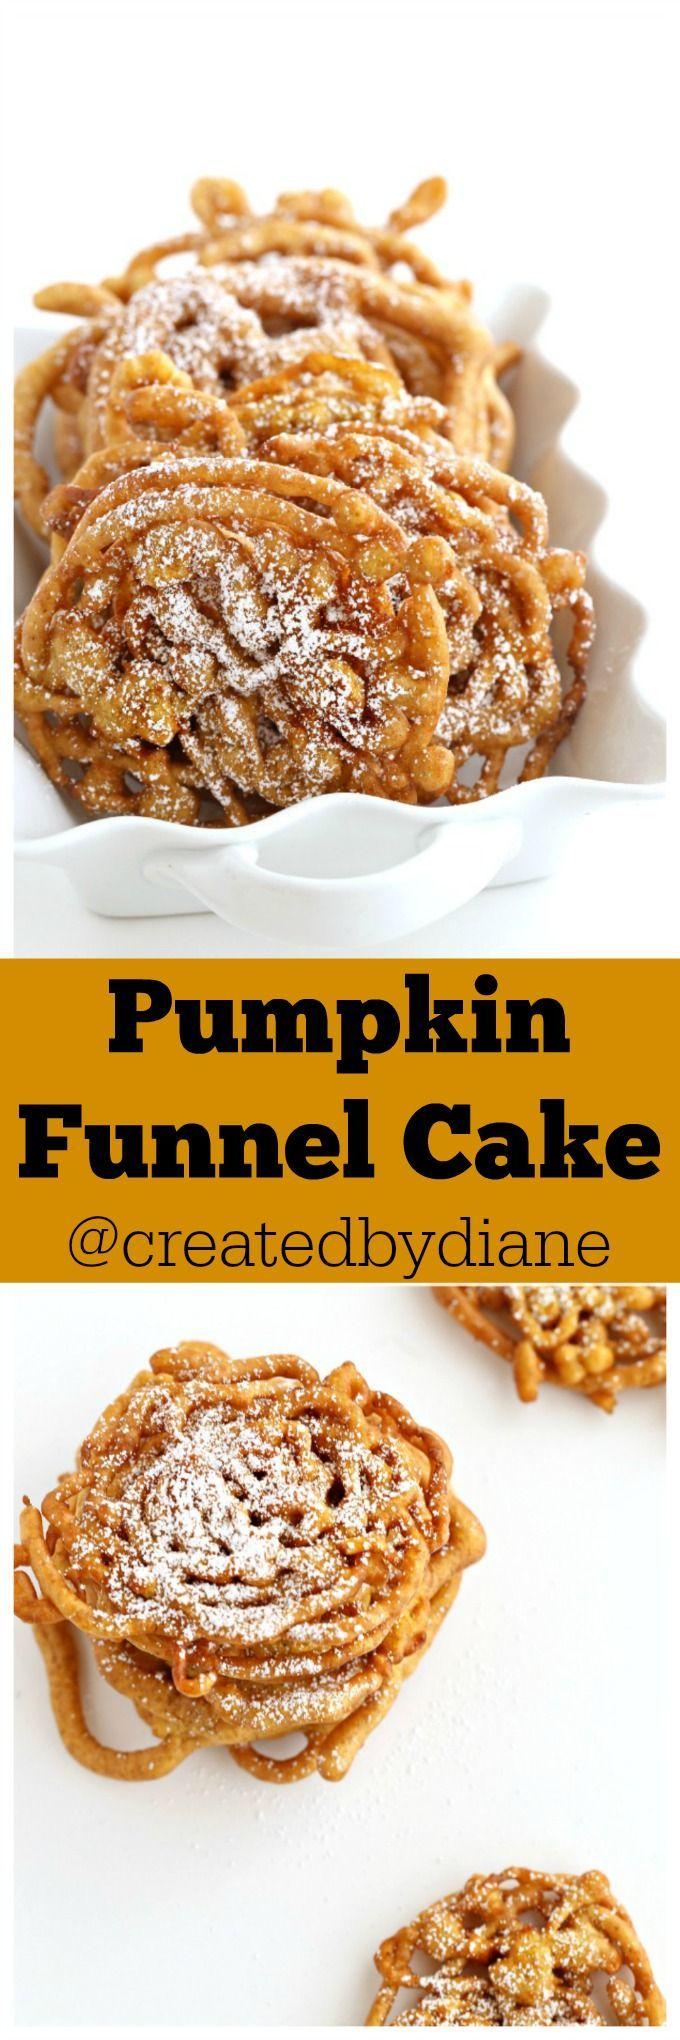 Pumpkin Funnel Cake. A fall dessert idea.